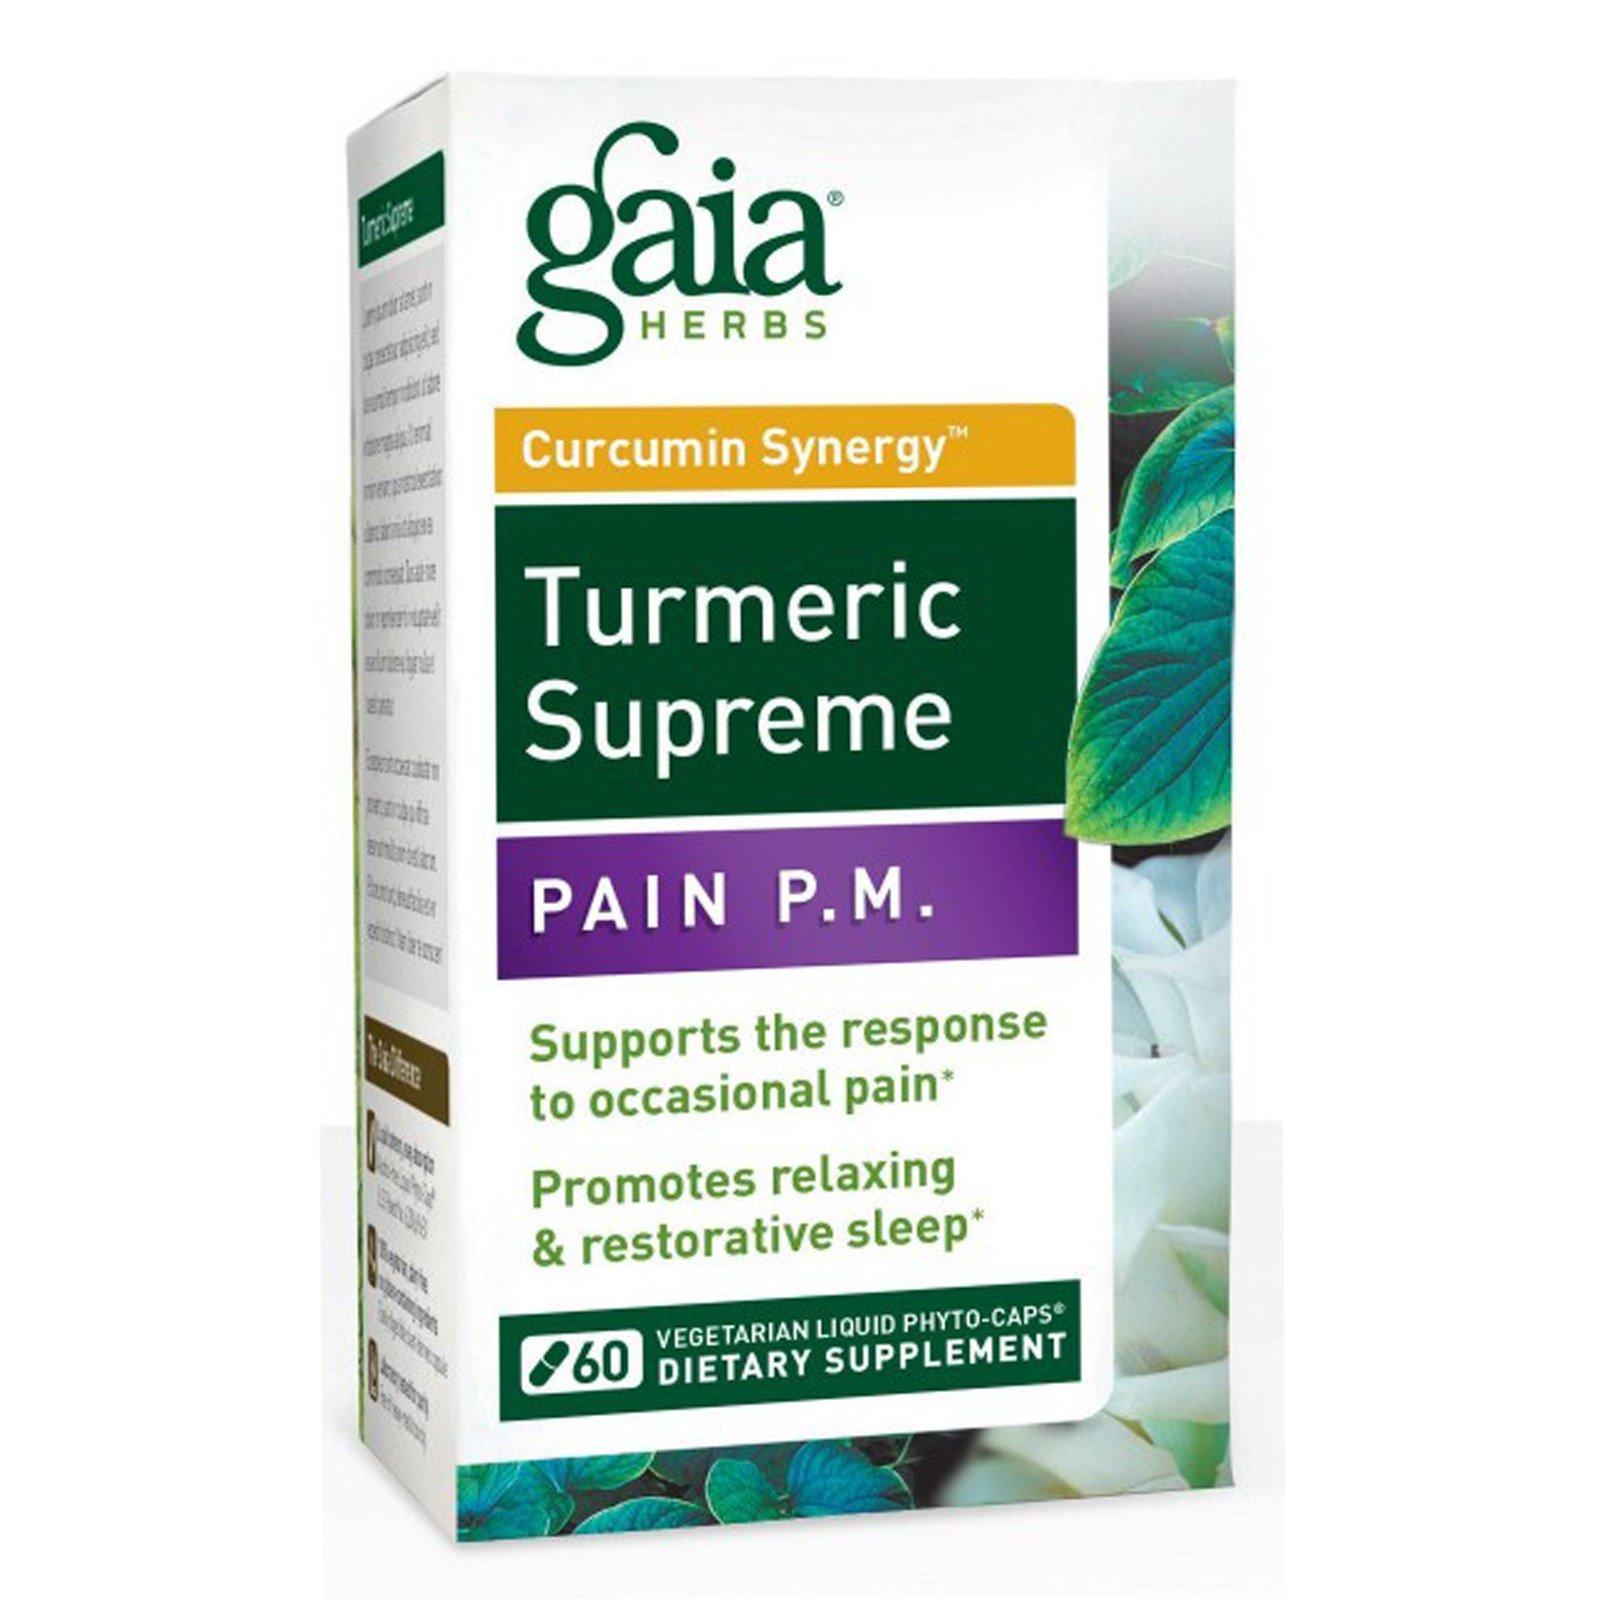 Gaia Herbs, Turmeric Supreme, против ночных болей, 60 вегетарианских гелевых фито-капсул